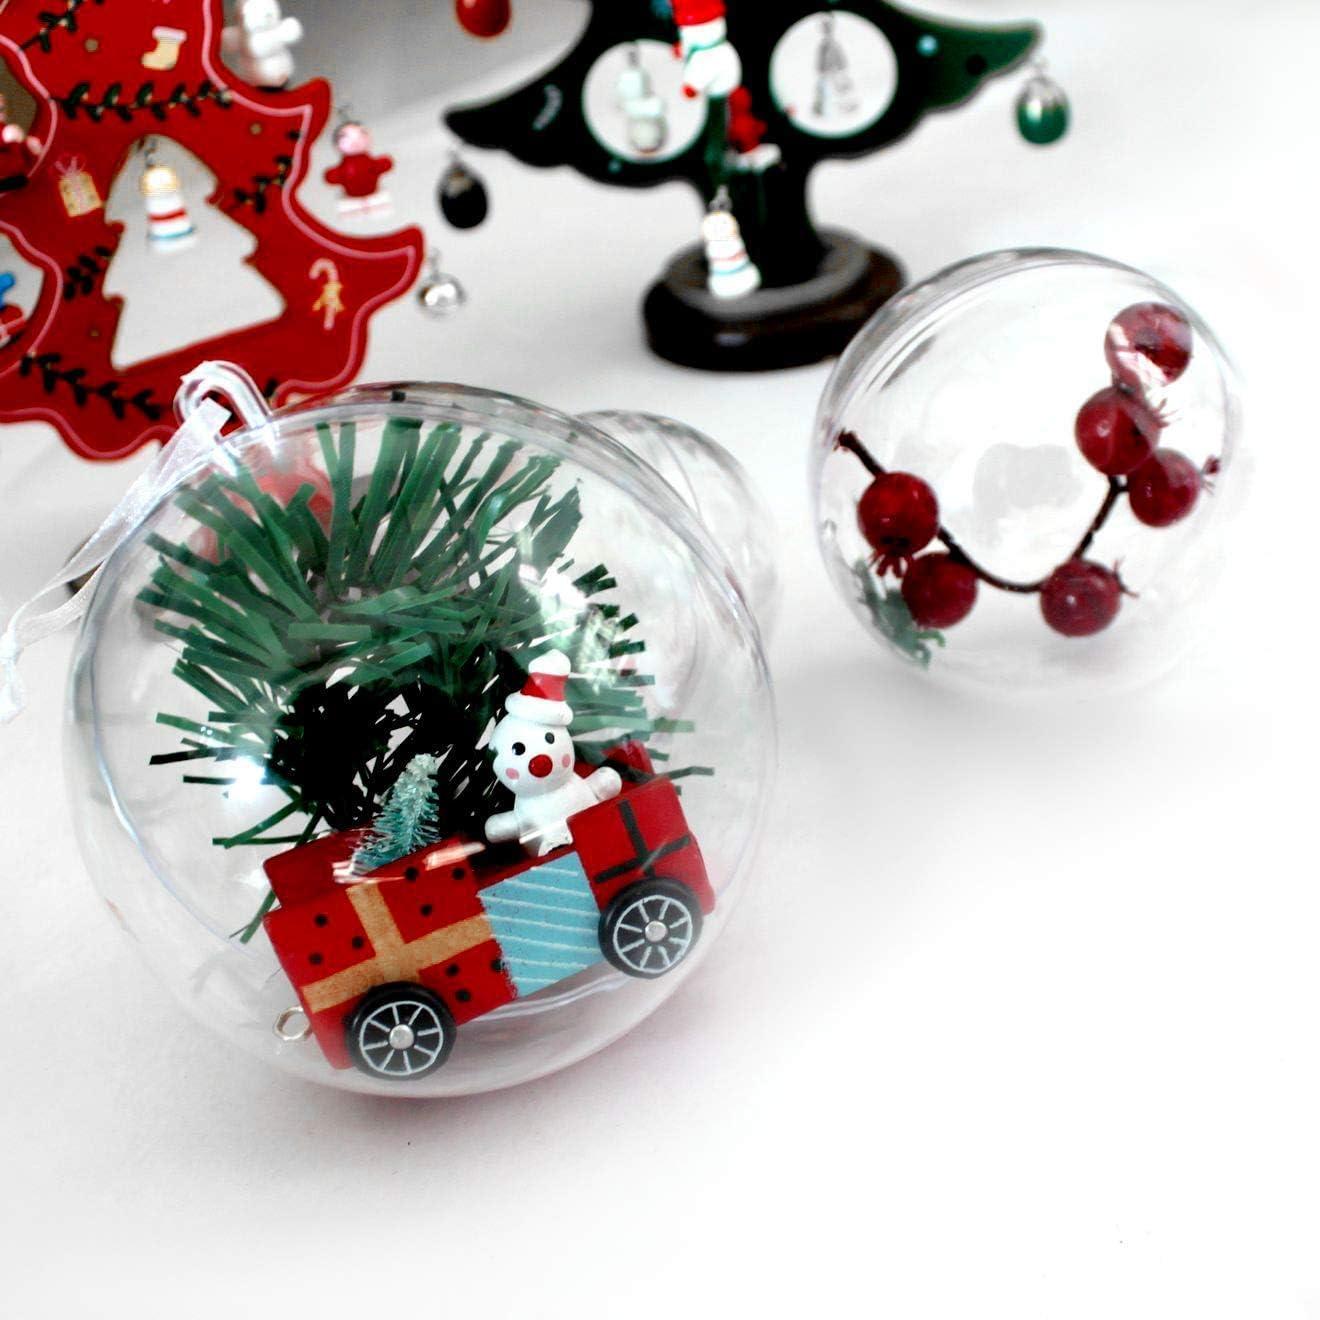 ECOSWAY 12 Pi/èces Plastique Transparent Acrylique /à Remplir Balle No/ël Arbre Ornement Balles,No/ël Neuf Ans Cadeau D/écoration Boules DIY Plastique Transparent No/ël Balle ~5cm 5 cm